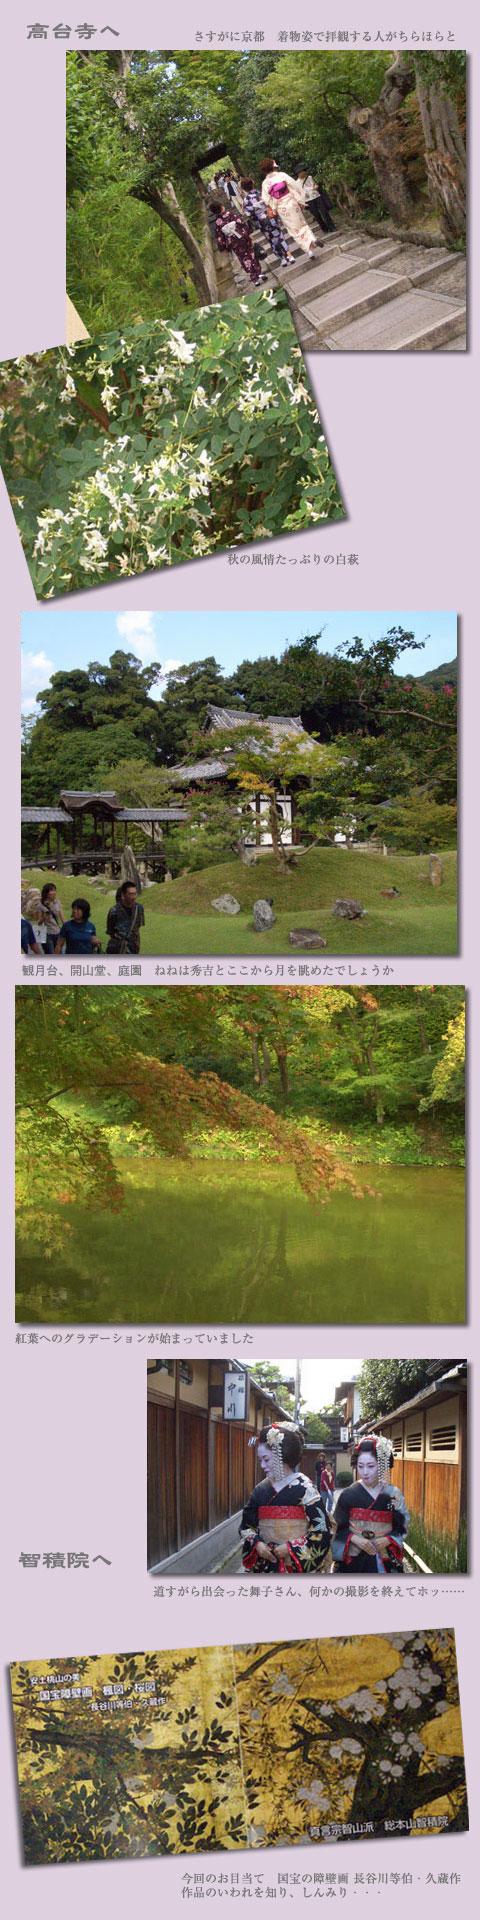 久方ぶりに歩いた京都_d0133320_23523731.jpg